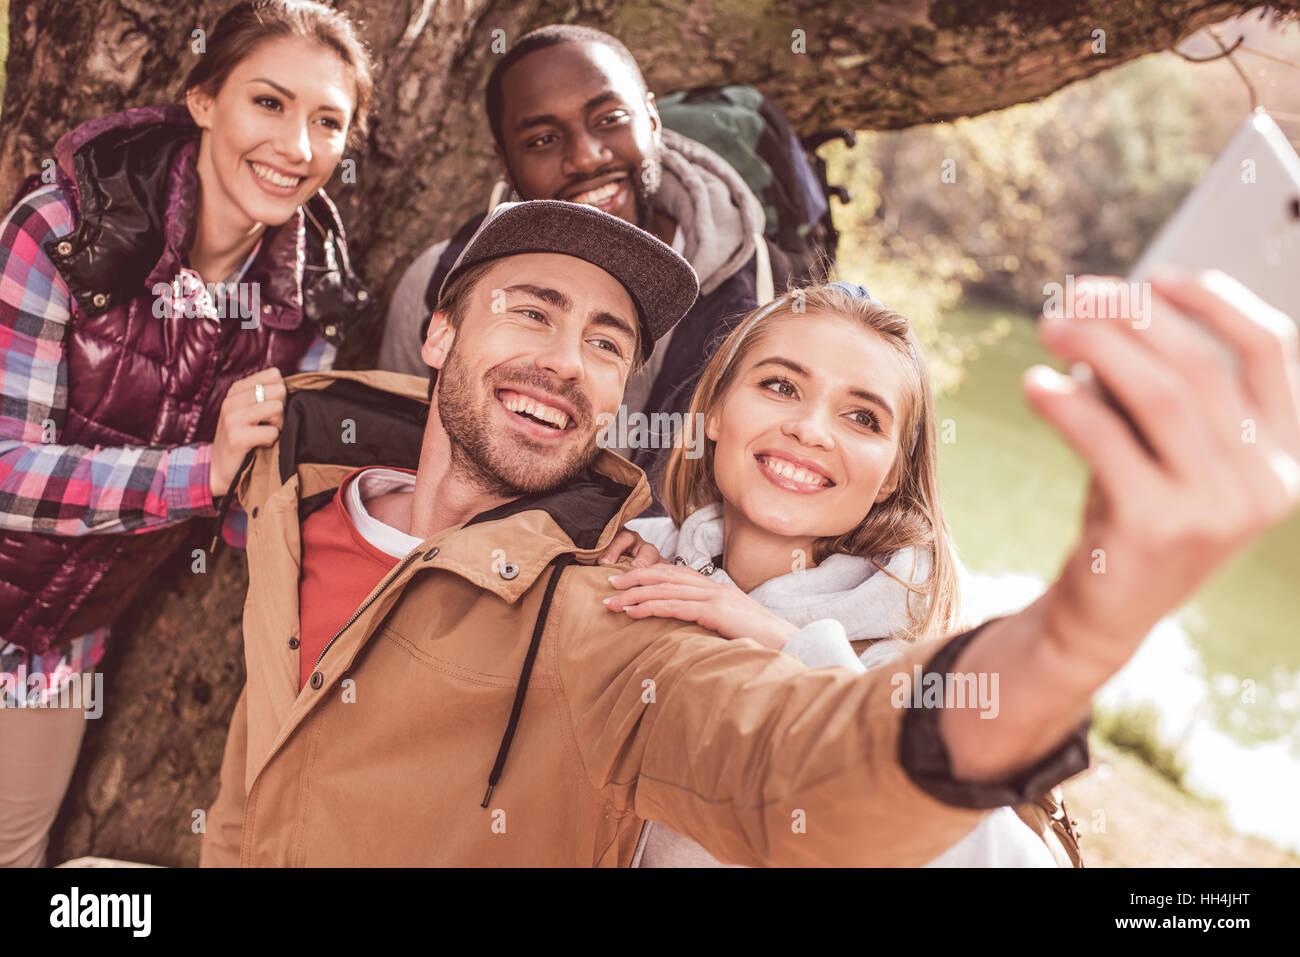 Groupe de jeunes gens debout près de l'arbre immense et calme près de selfies forest river Photo Stock